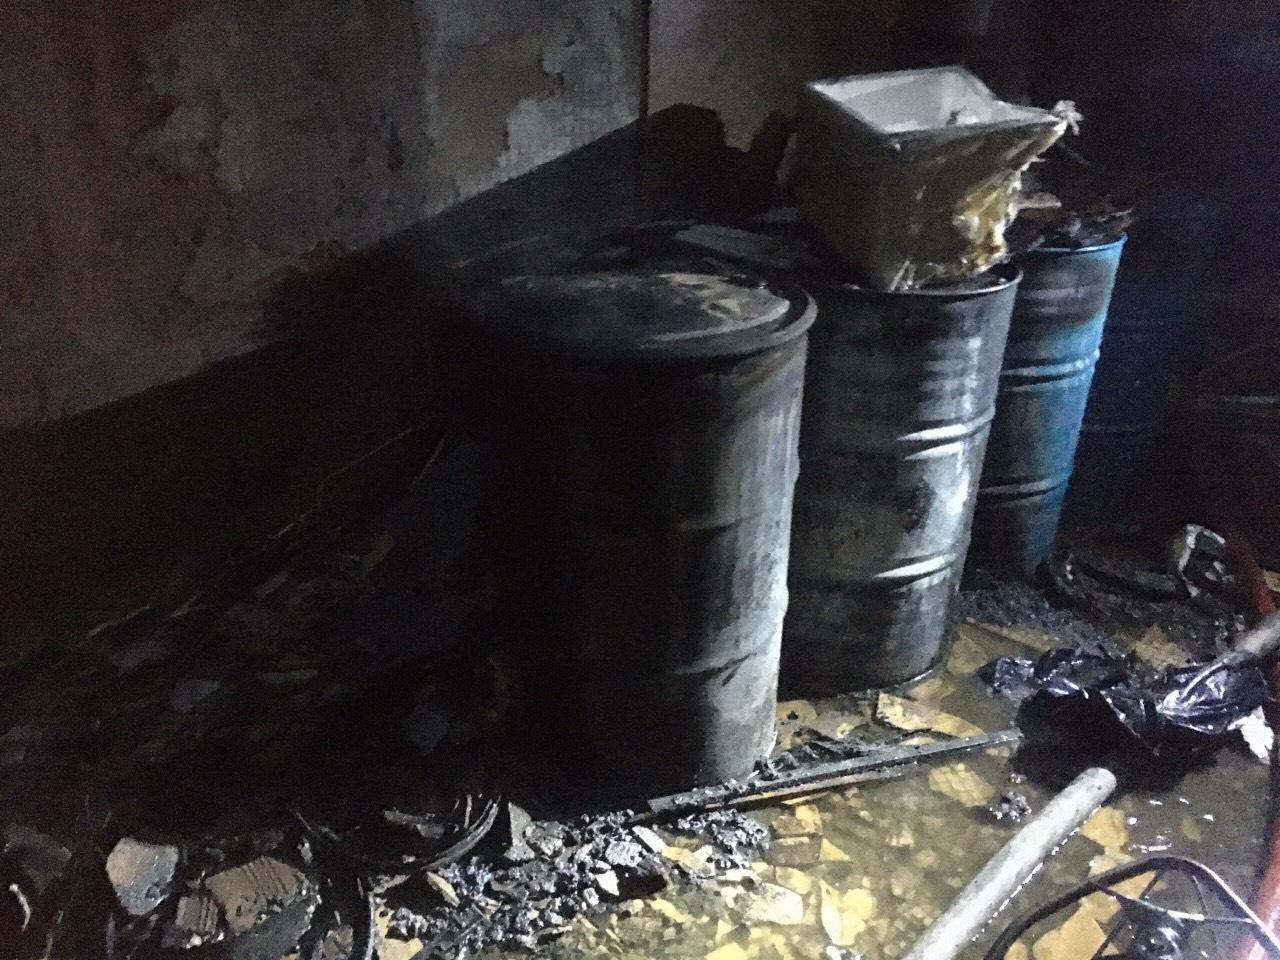 ẢNH-CLIP: Hiện trường bên trong căn nhà cháy làm 8 người chết ở TP.HCM - Ảnh 6.